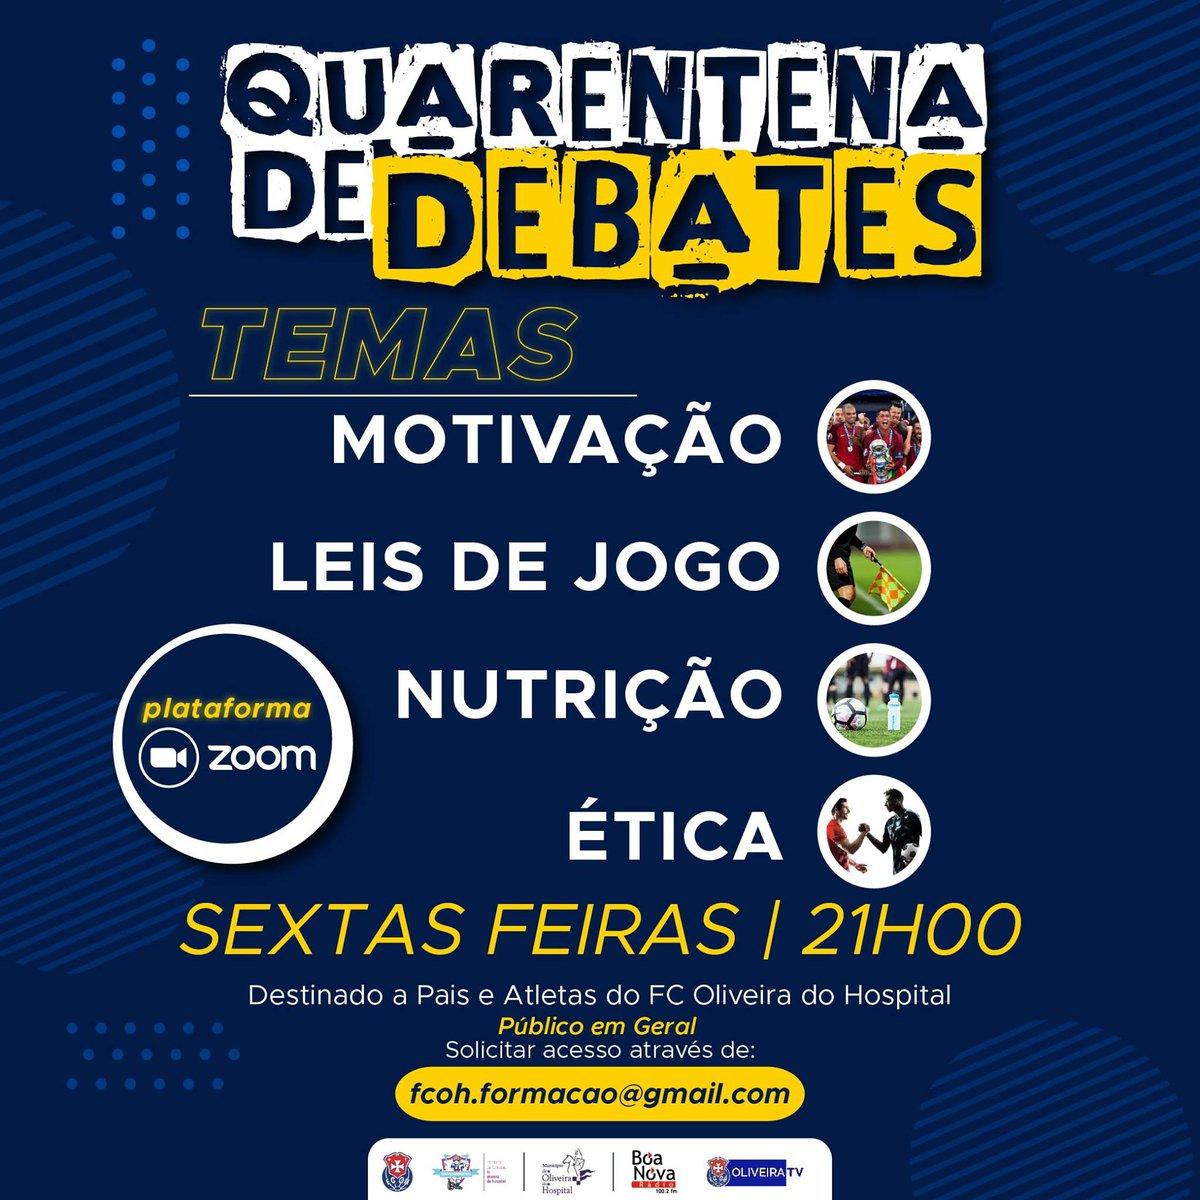 Quarentena de Debates